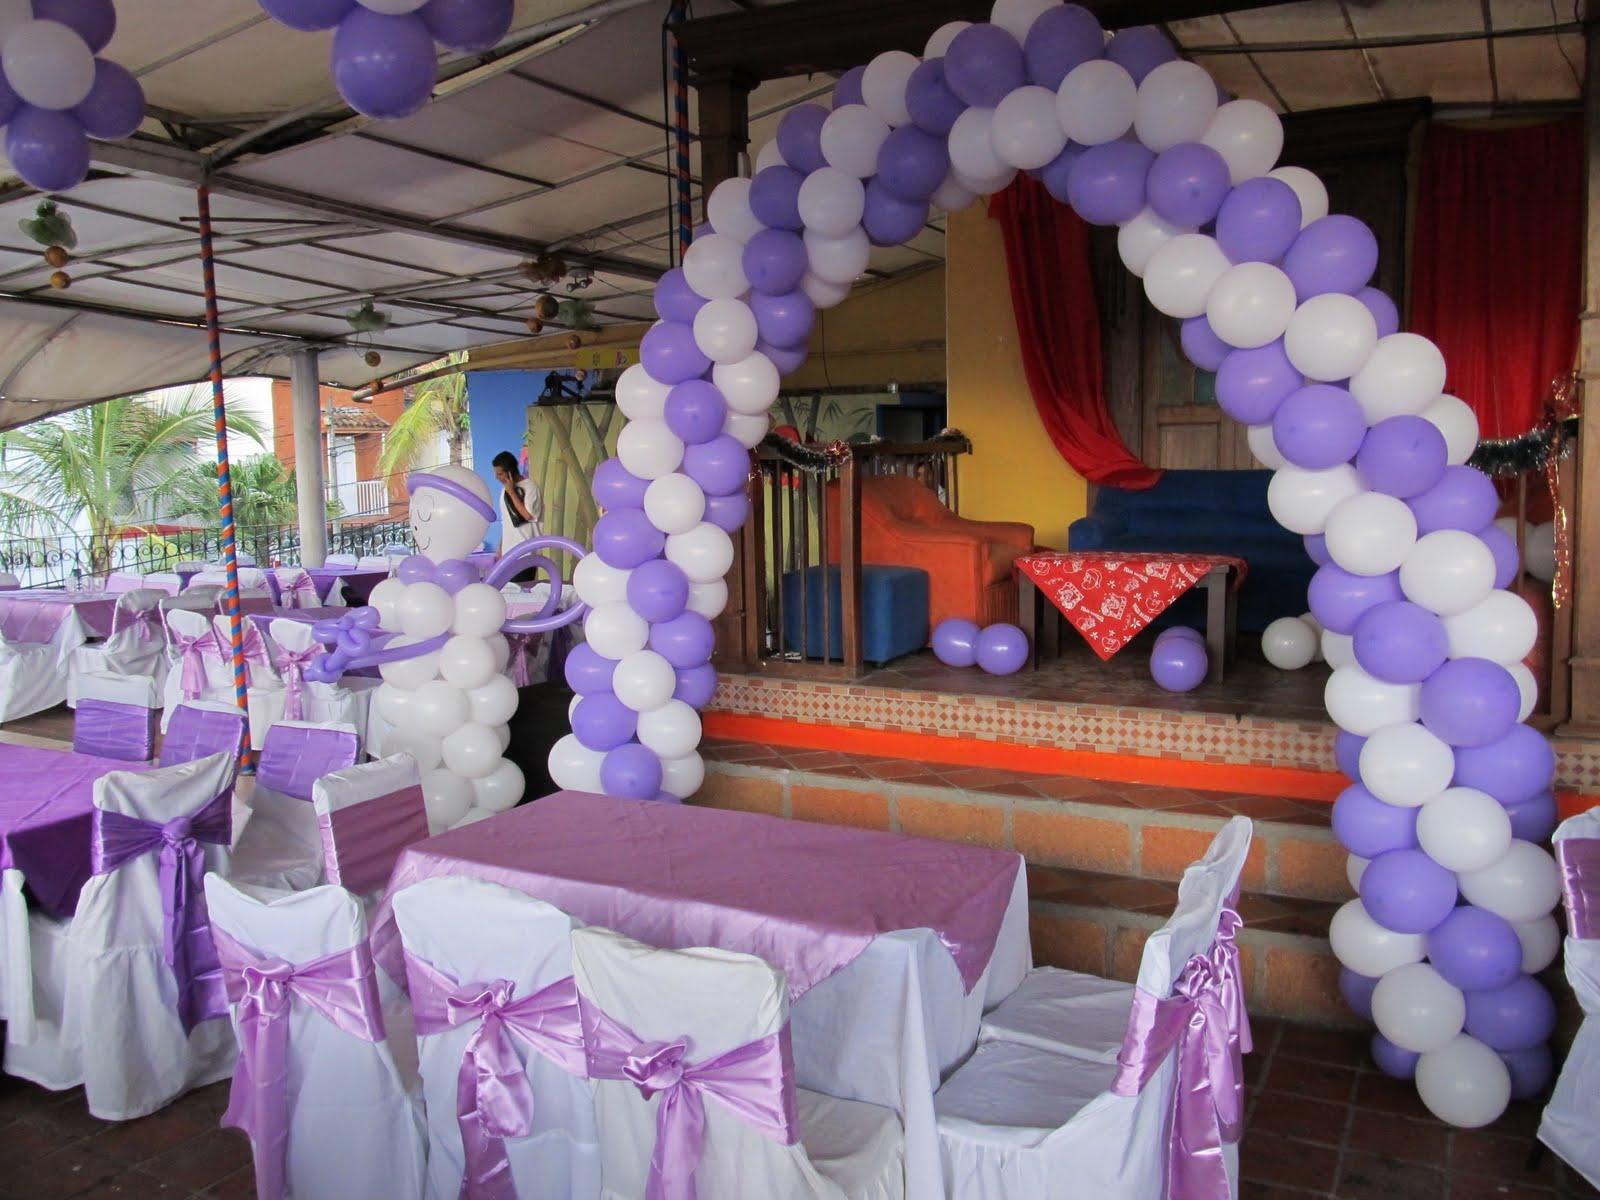 Decoracion angeles y arco primera comunion fiestas - Decoracion fiesta comunion ...